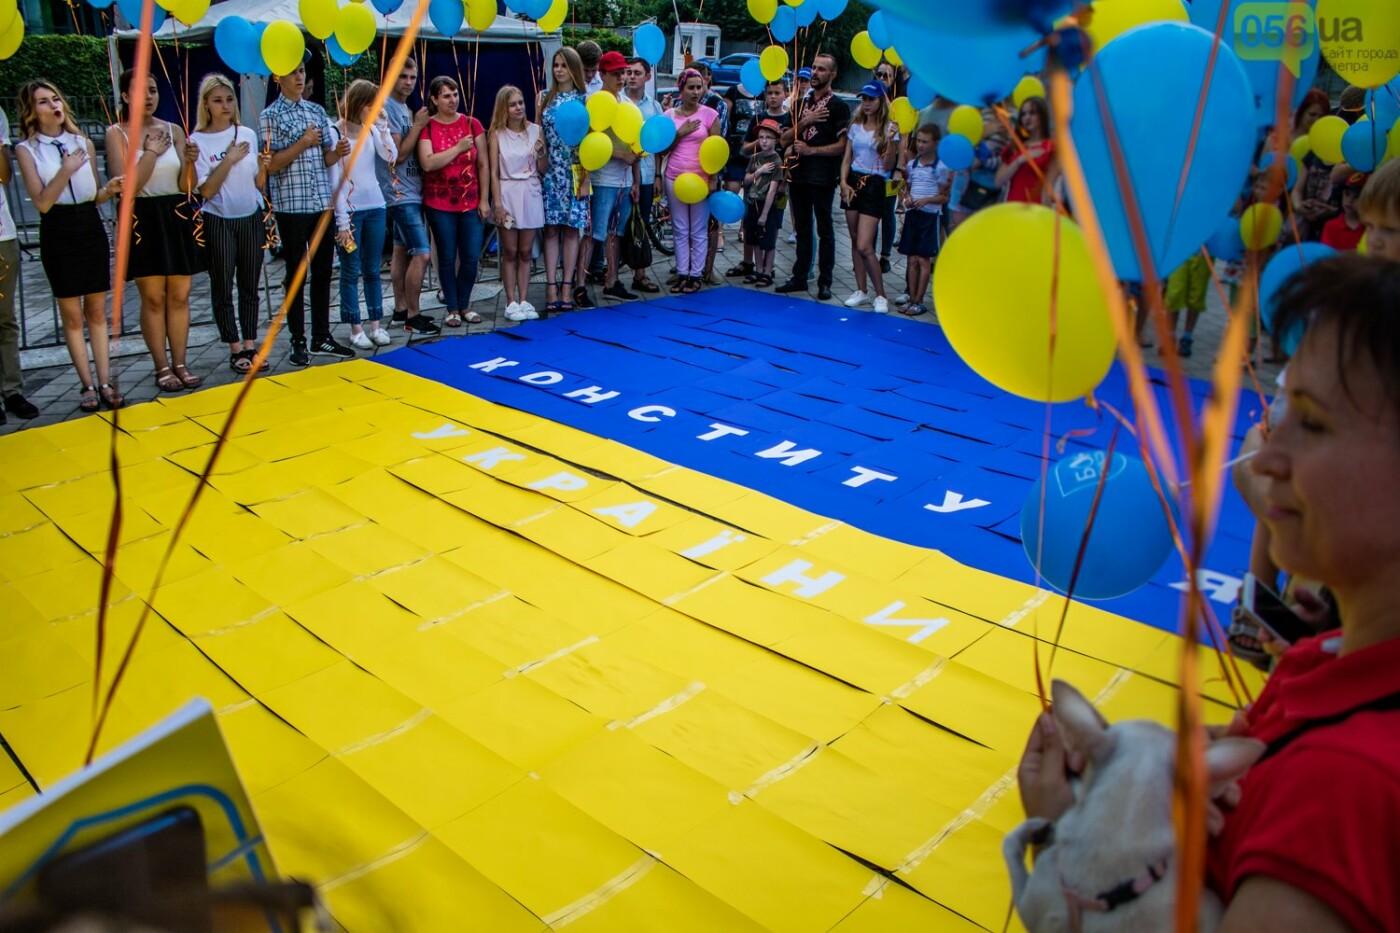 В Днепре устроили красочный флешмоб ко Дню Конституции, - ФОТОРЕПОРТАЖ, фото-8